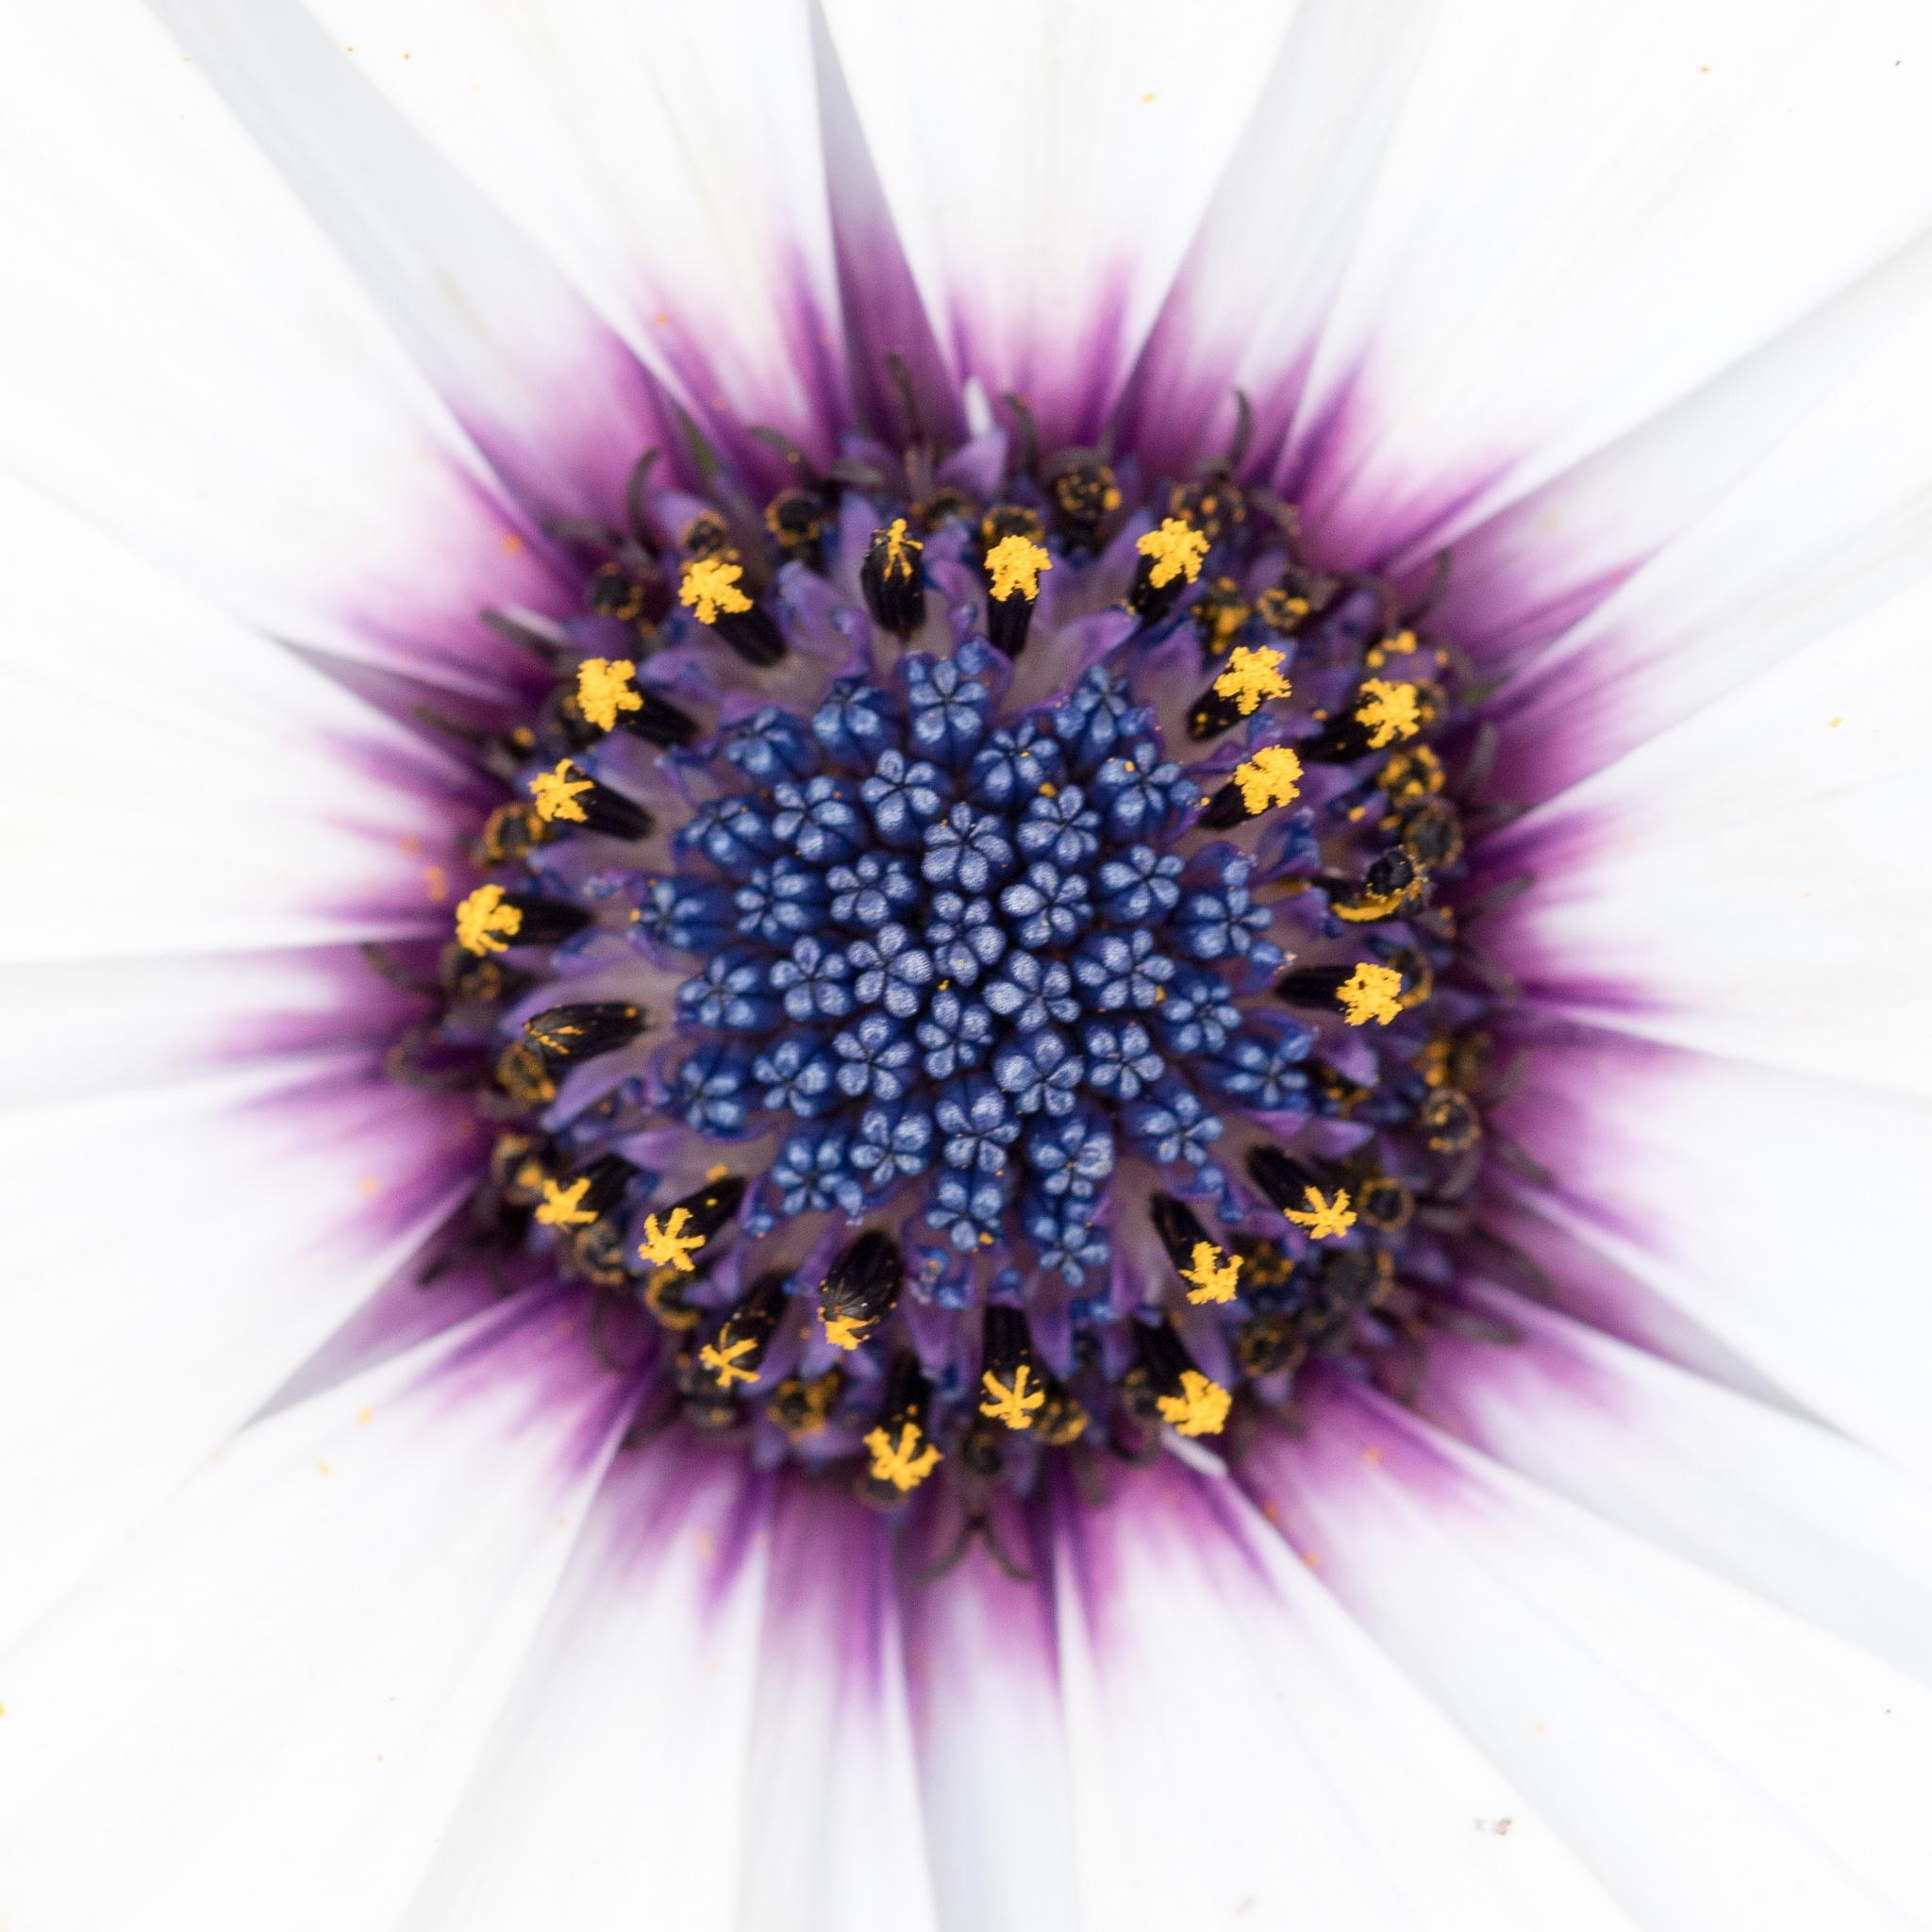 Flower power by Tom Andreasen